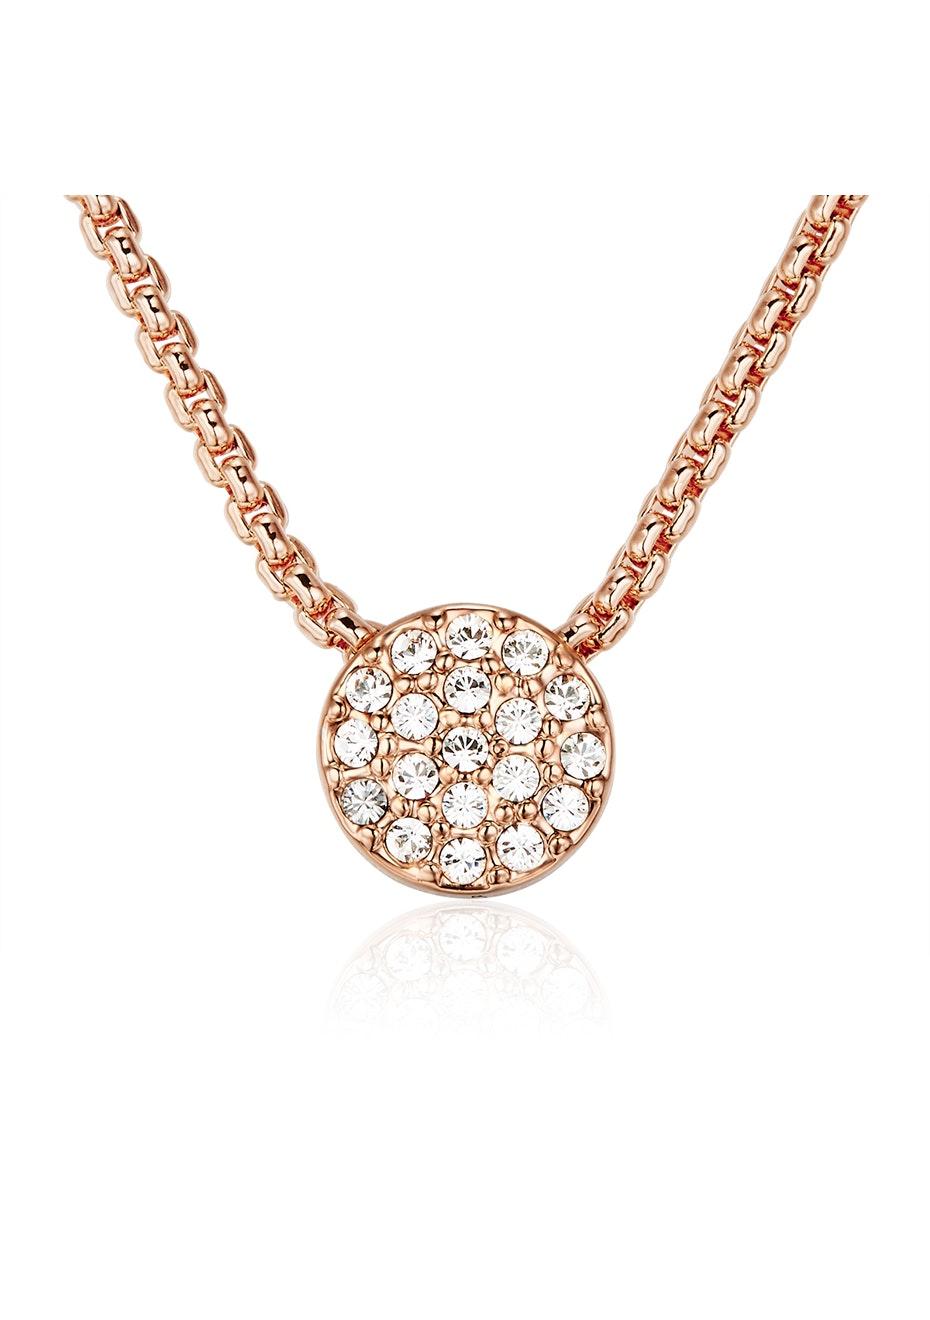 Slider Series Pendant Necklace Ft Swarovski Crystals -Rose Gold